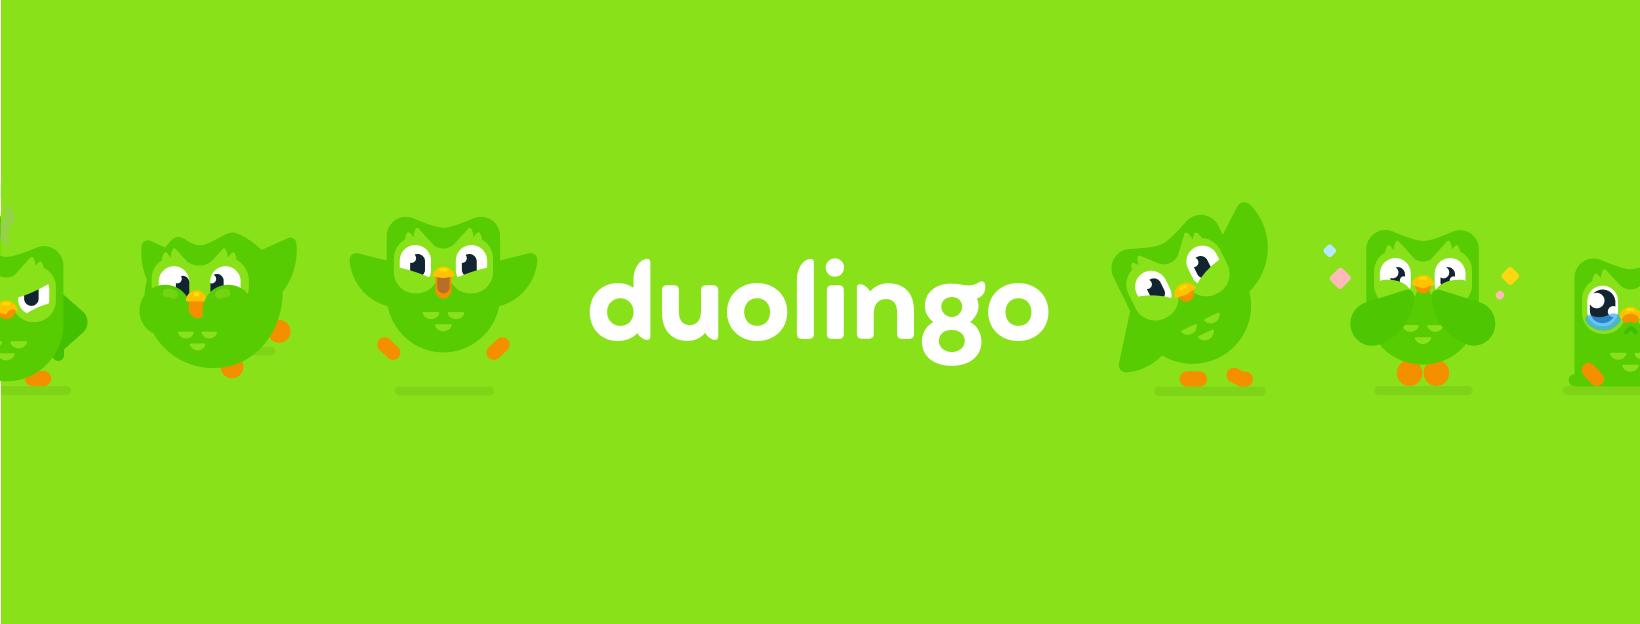 Duolingo - phần mềm học tiếng Anh miễn phí